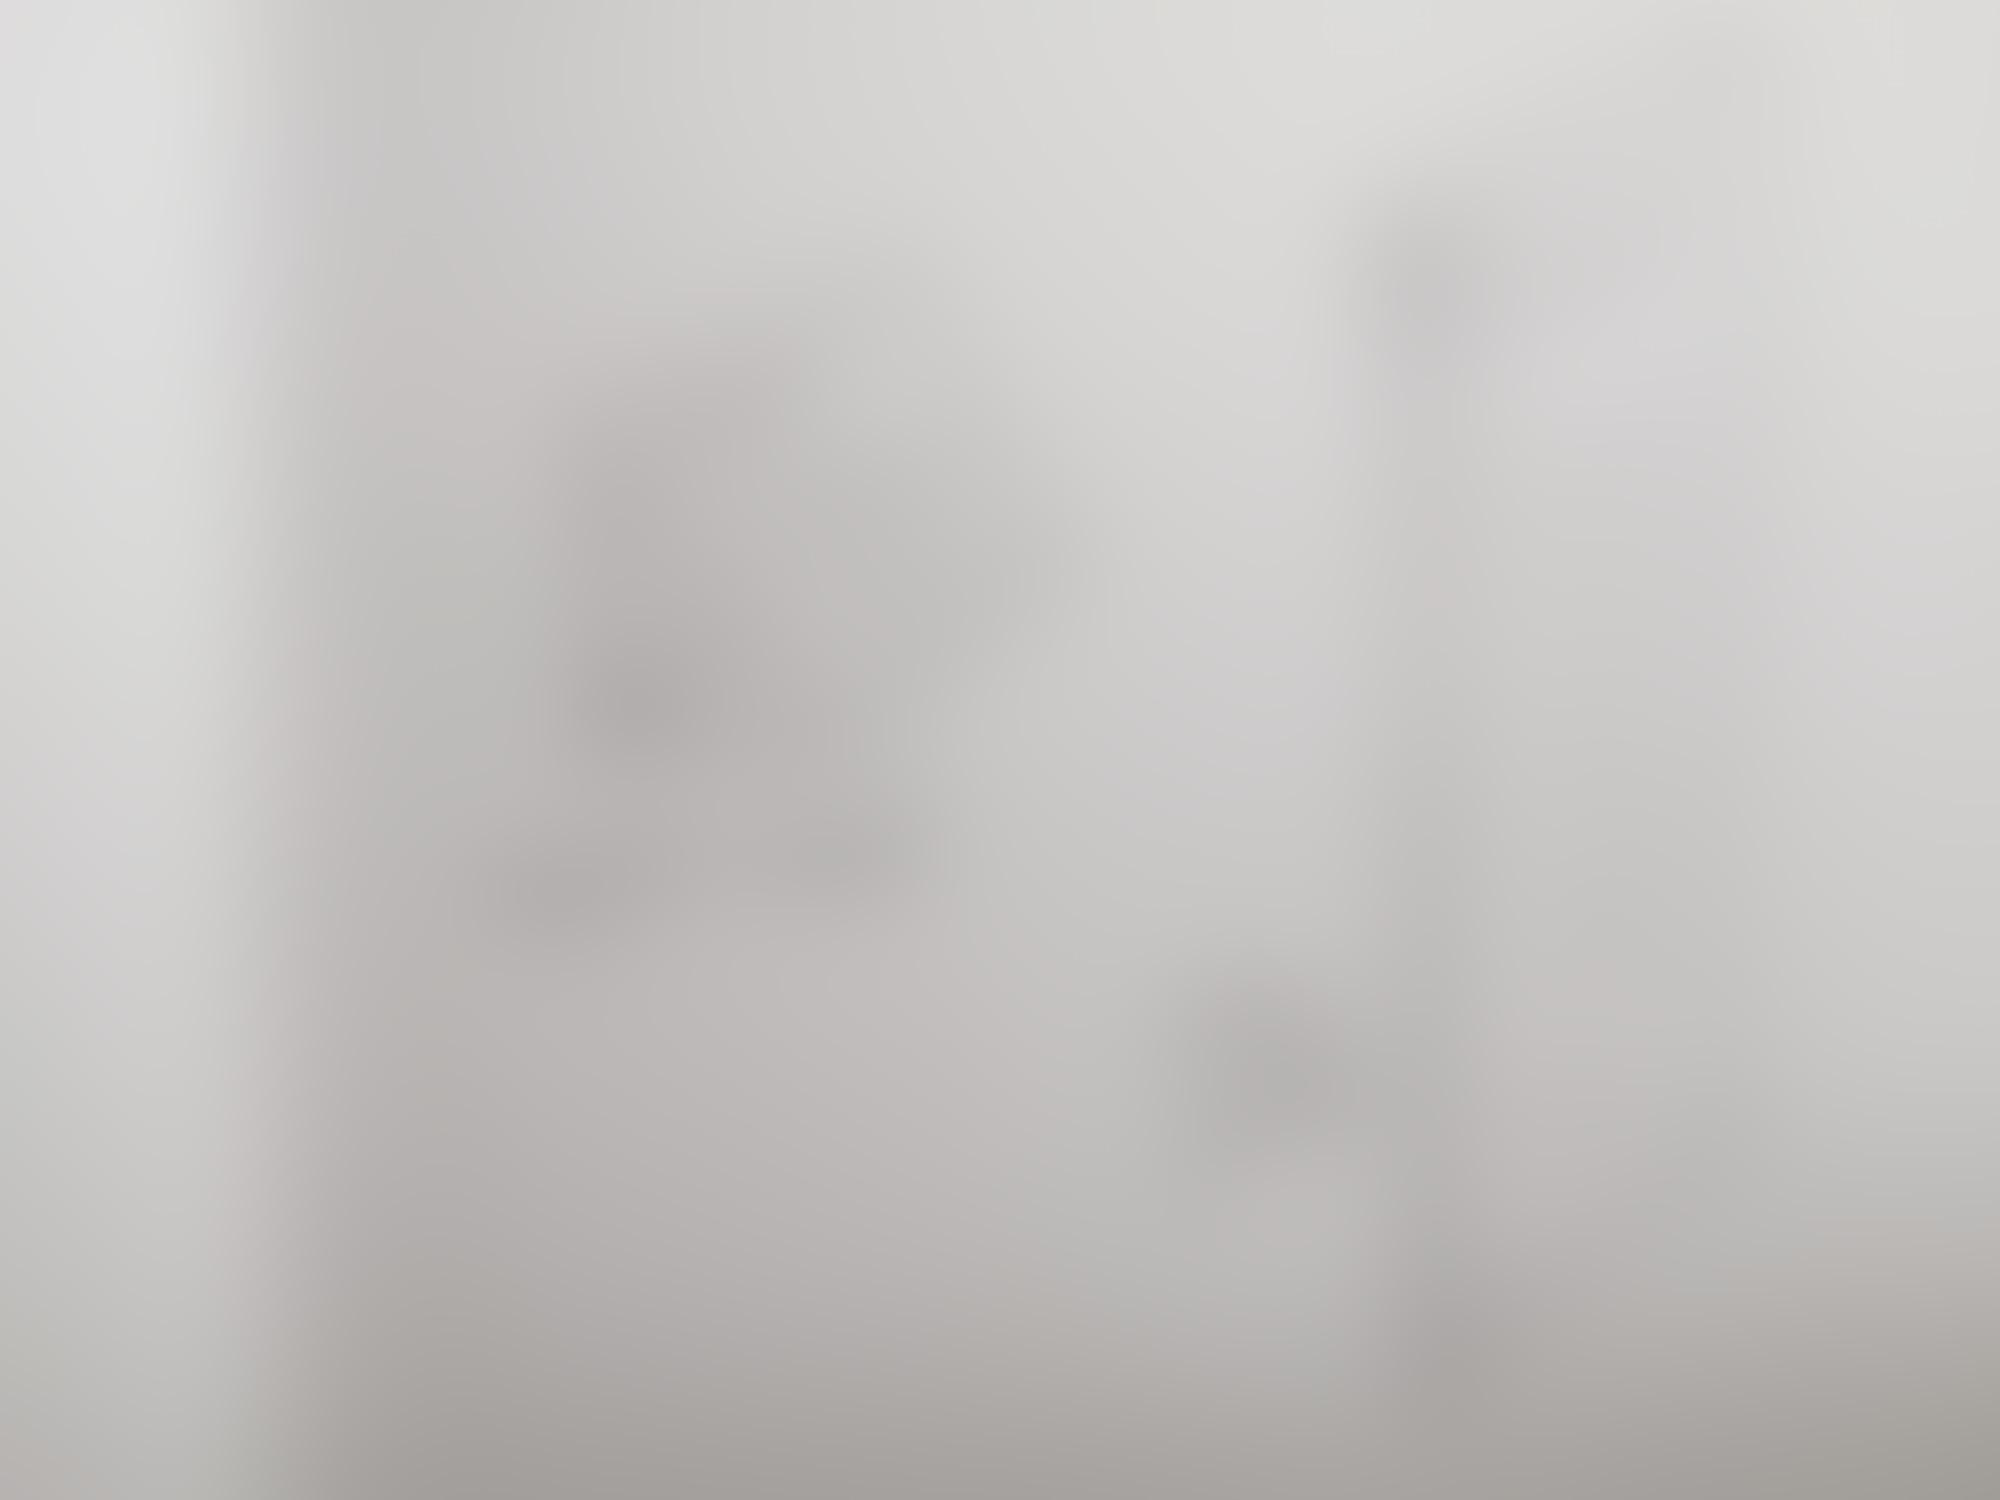 BOB Design Frida Kahlo Technical Production 00 autocompressfitresizeixlibphp 1 1 0max h2000max w3 D2000q80sb59271fd707a4f92c51726cf8783a17d